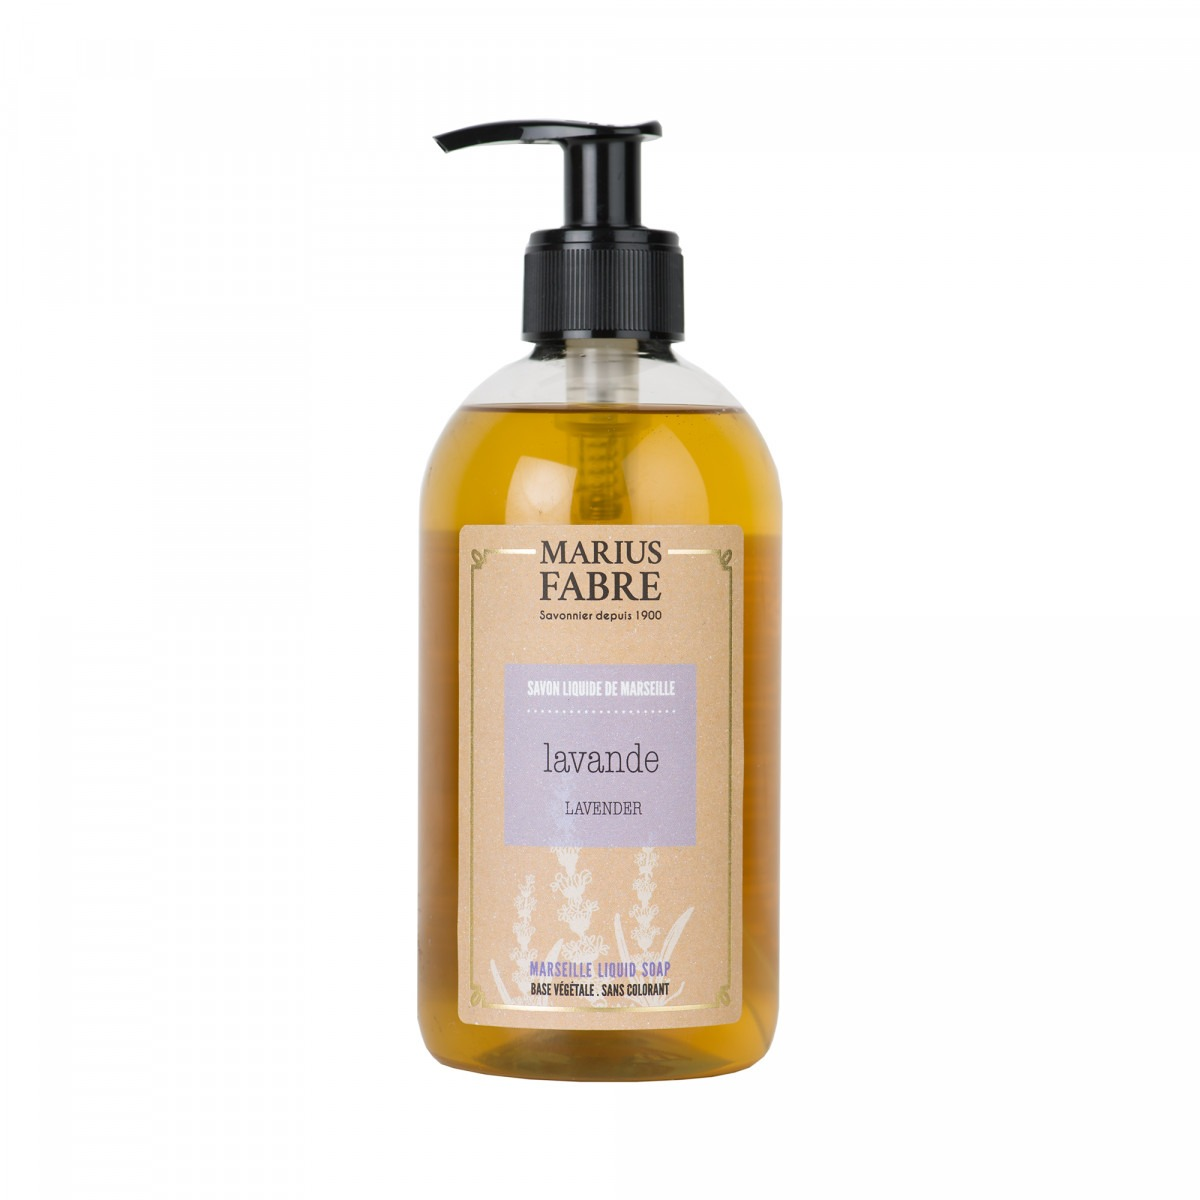 Marius Fabre Liquid Soap Lavender 400ml